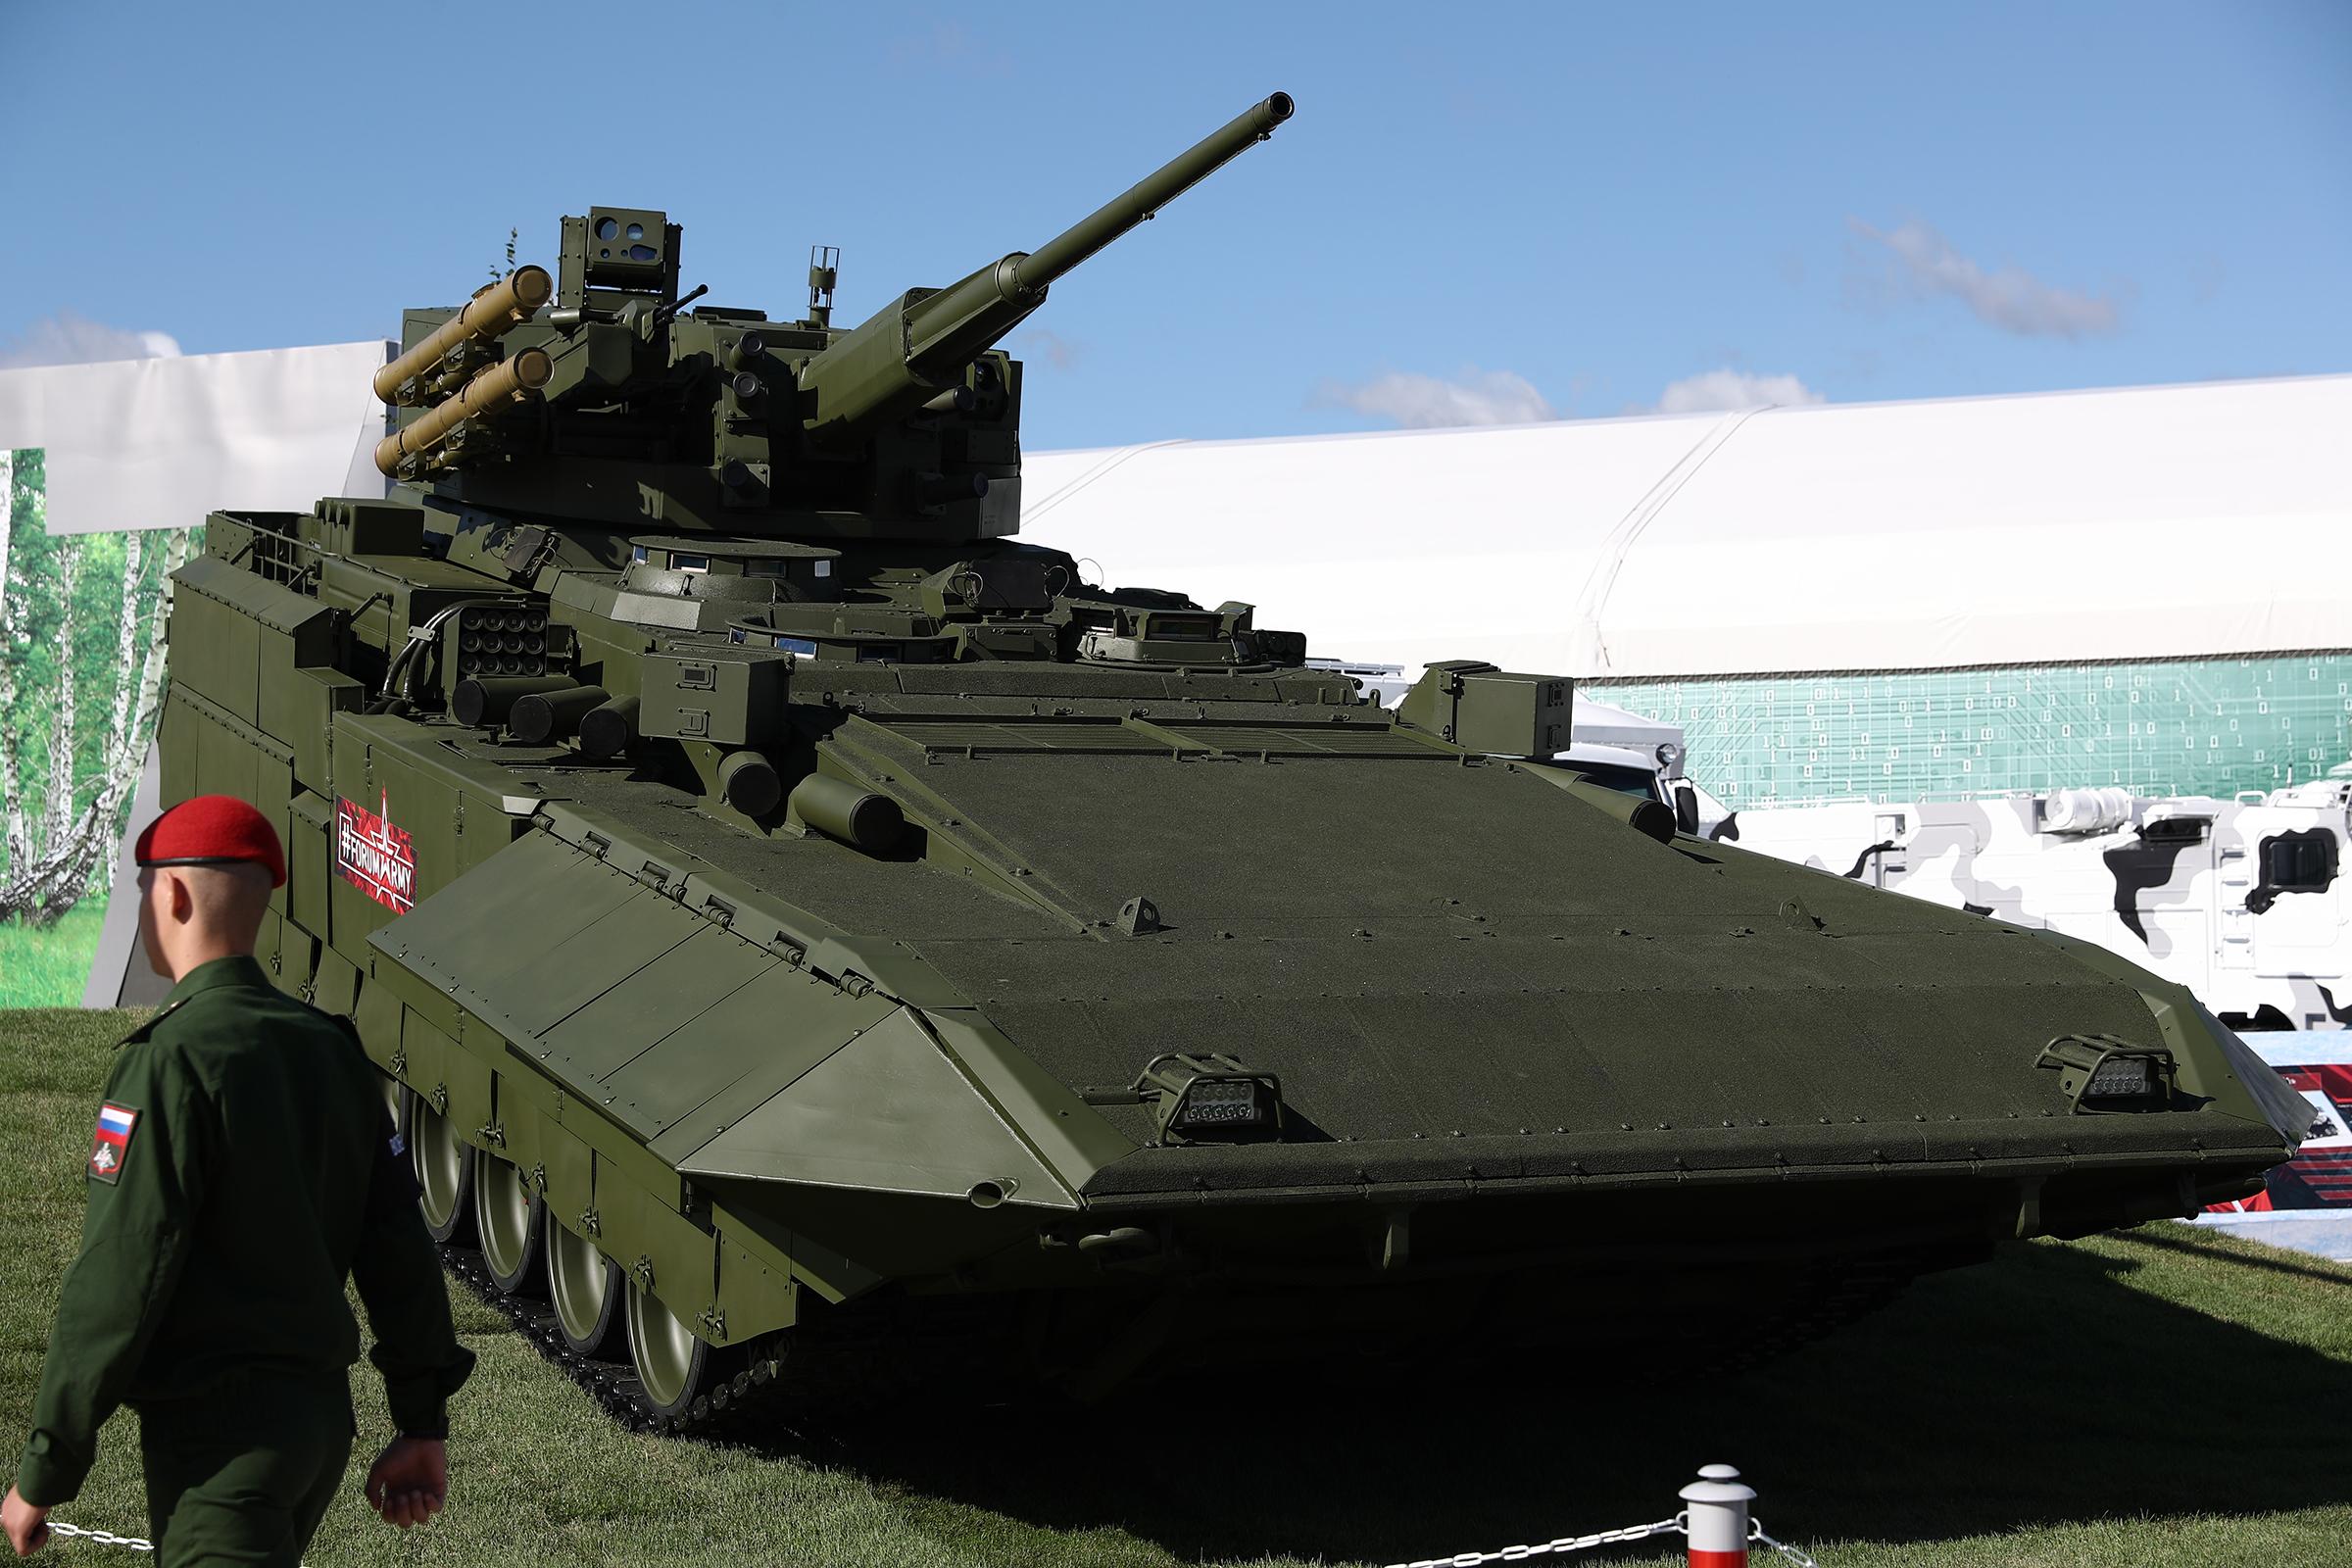 Разработанный в ЦНИИ «Буревестник» боевой модуль для БМП Т-15 на платформе «Армата» оснащен орудием калибром 57мм (ранее Т-15 был оснащен орудием калибром 30 мм), сверхзвуковыми противотанковыми ракетами «Атака» и пулеметом калибром 7,62 мм